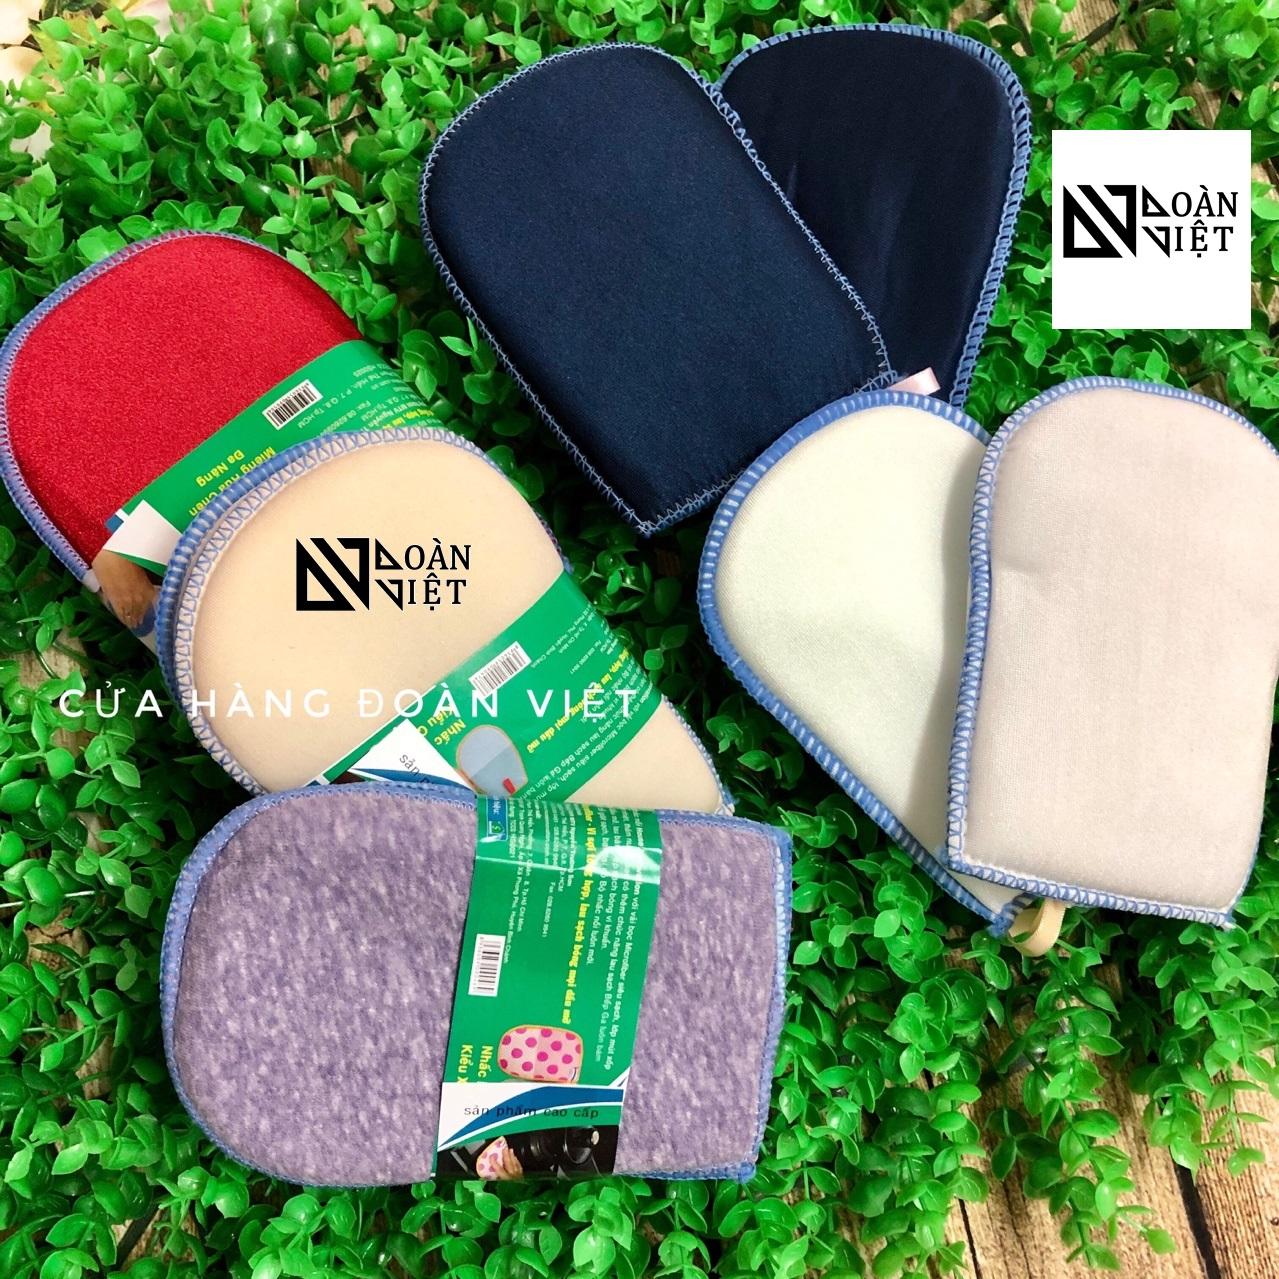 COMBO 2 cặp BỢ NHẤC NỒI sử dụng ĐA NĂNG. Với vải bọc Microfiber siêu sạch, lớp mút xóp mềm dẻo giúp cách nhiệt và thấm nước làm KHĂN LAU BẾP, MIẾNG RỬA CHÉN. Dụng cụ nhà bếp phù hợp mọi gia đình và quán ăn